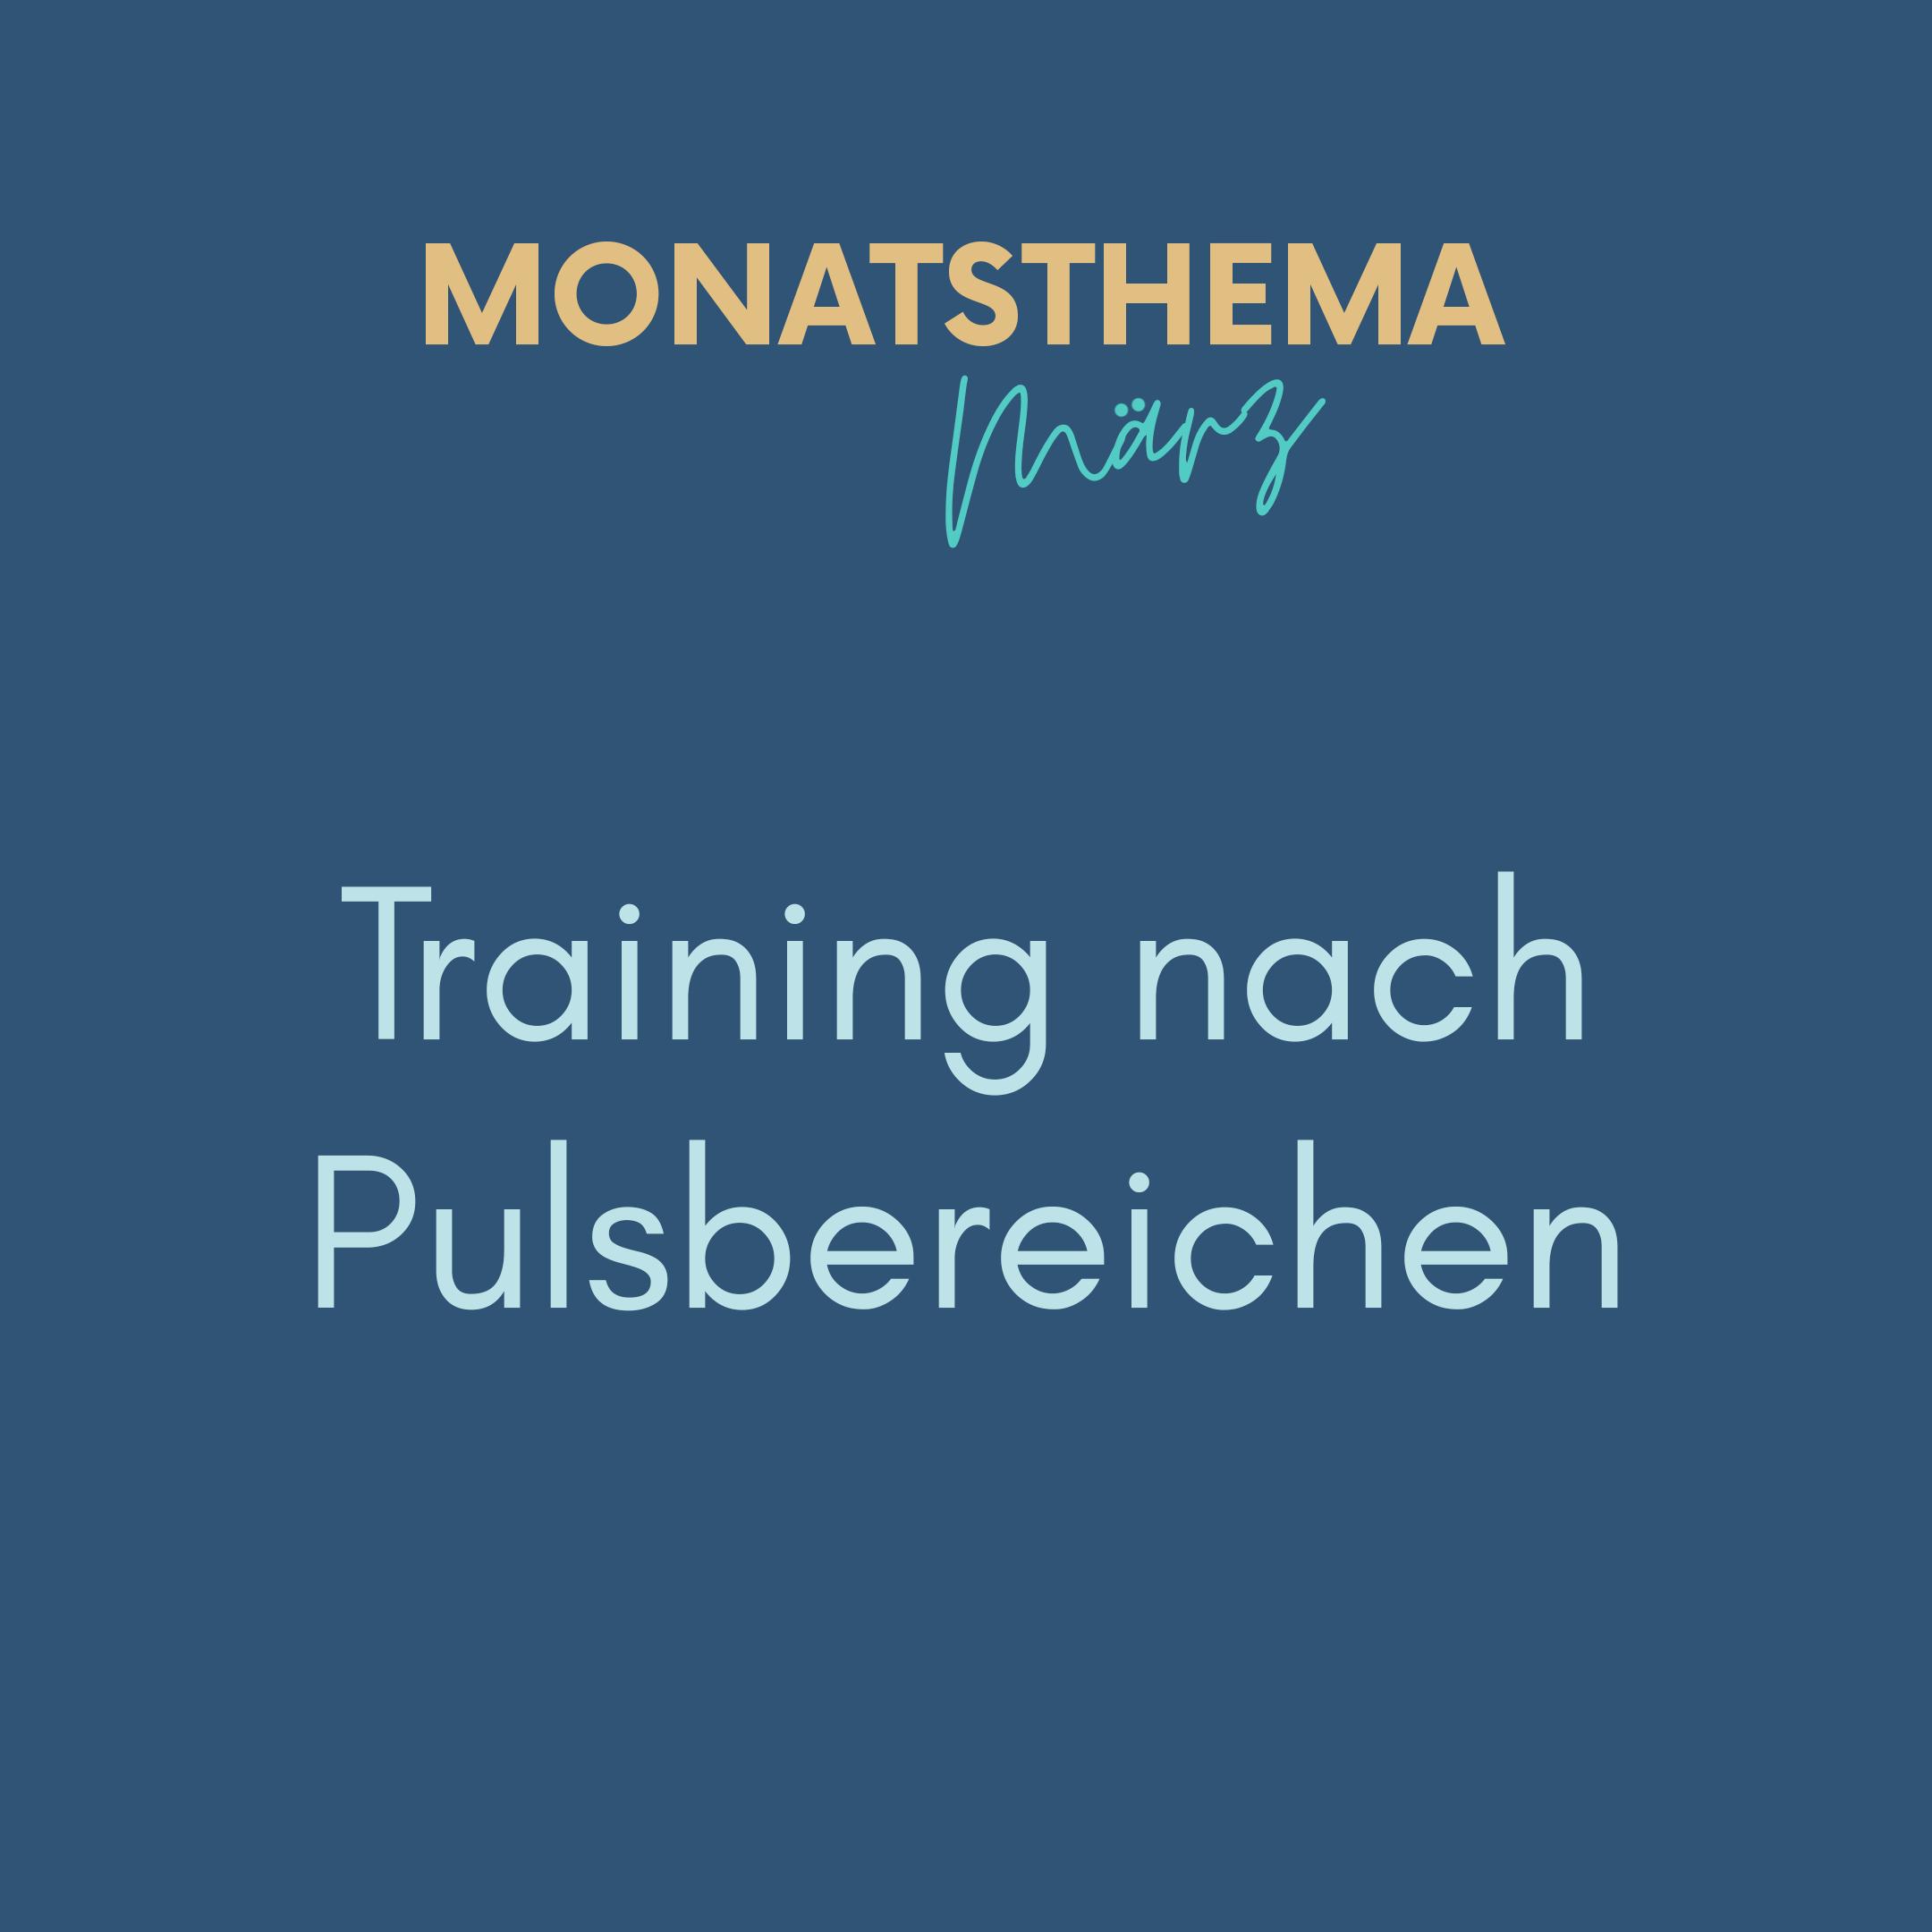 blauer Hintergrund mit Text: Monatsthema März, Training nach Pulsbereichen